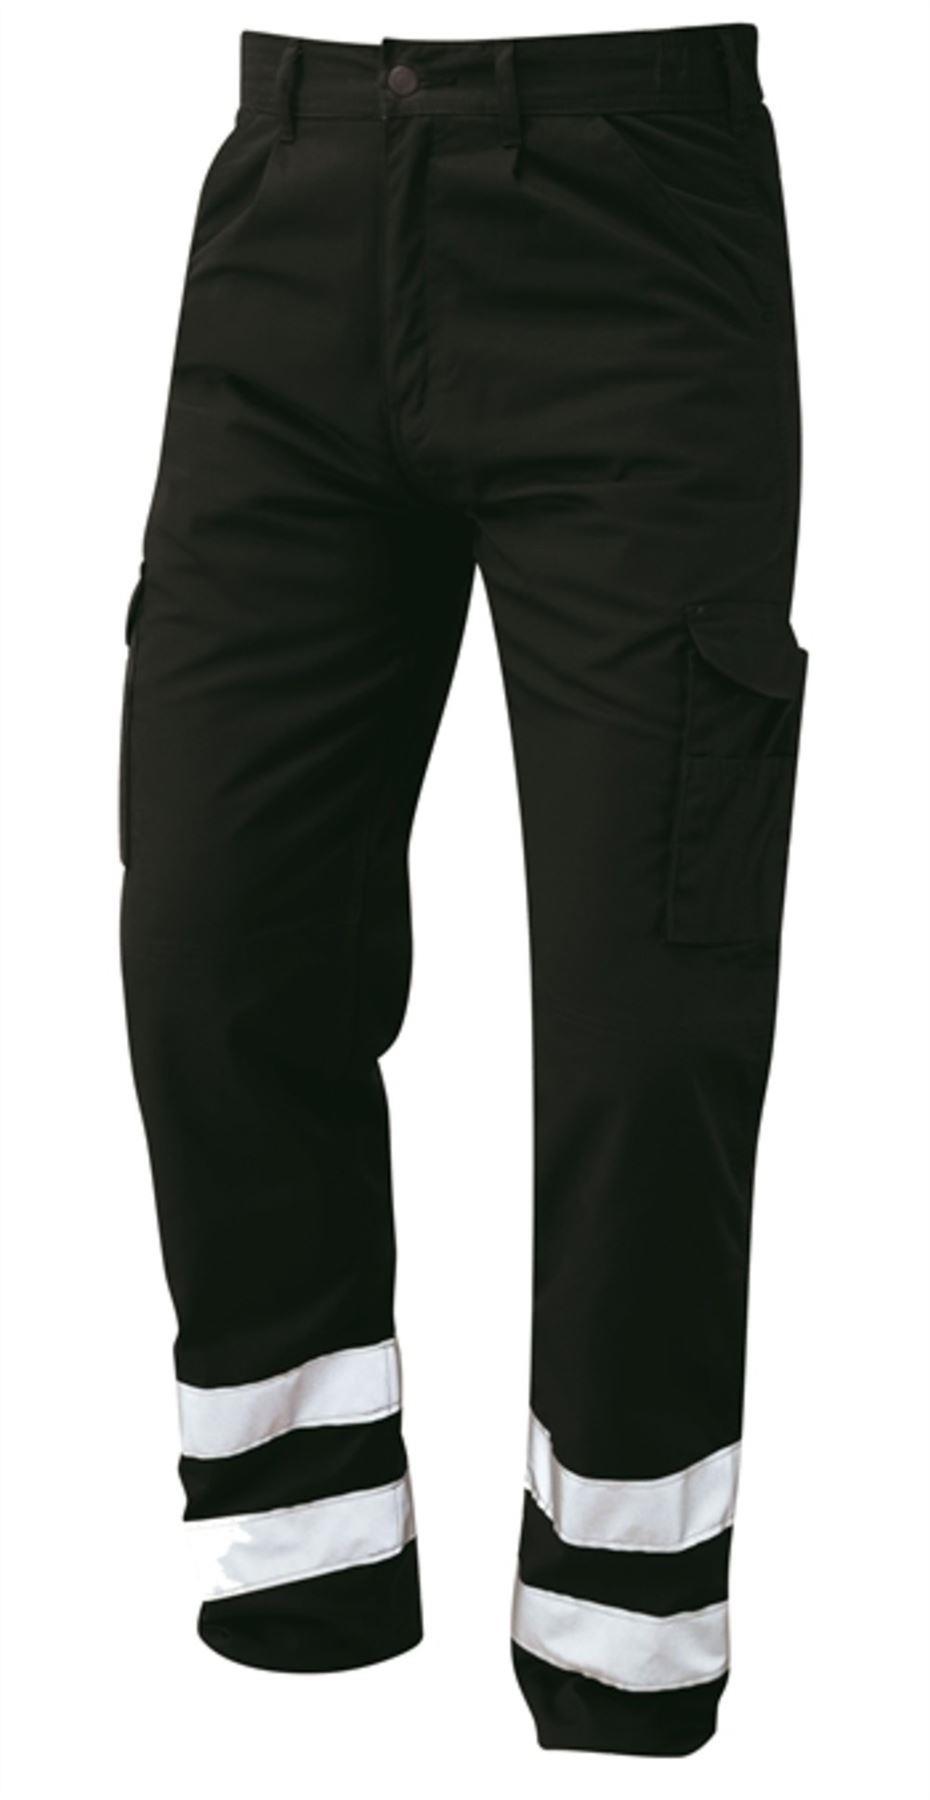 Orn Condor Hi Vis Kneepad Trousers - Black|44W29L